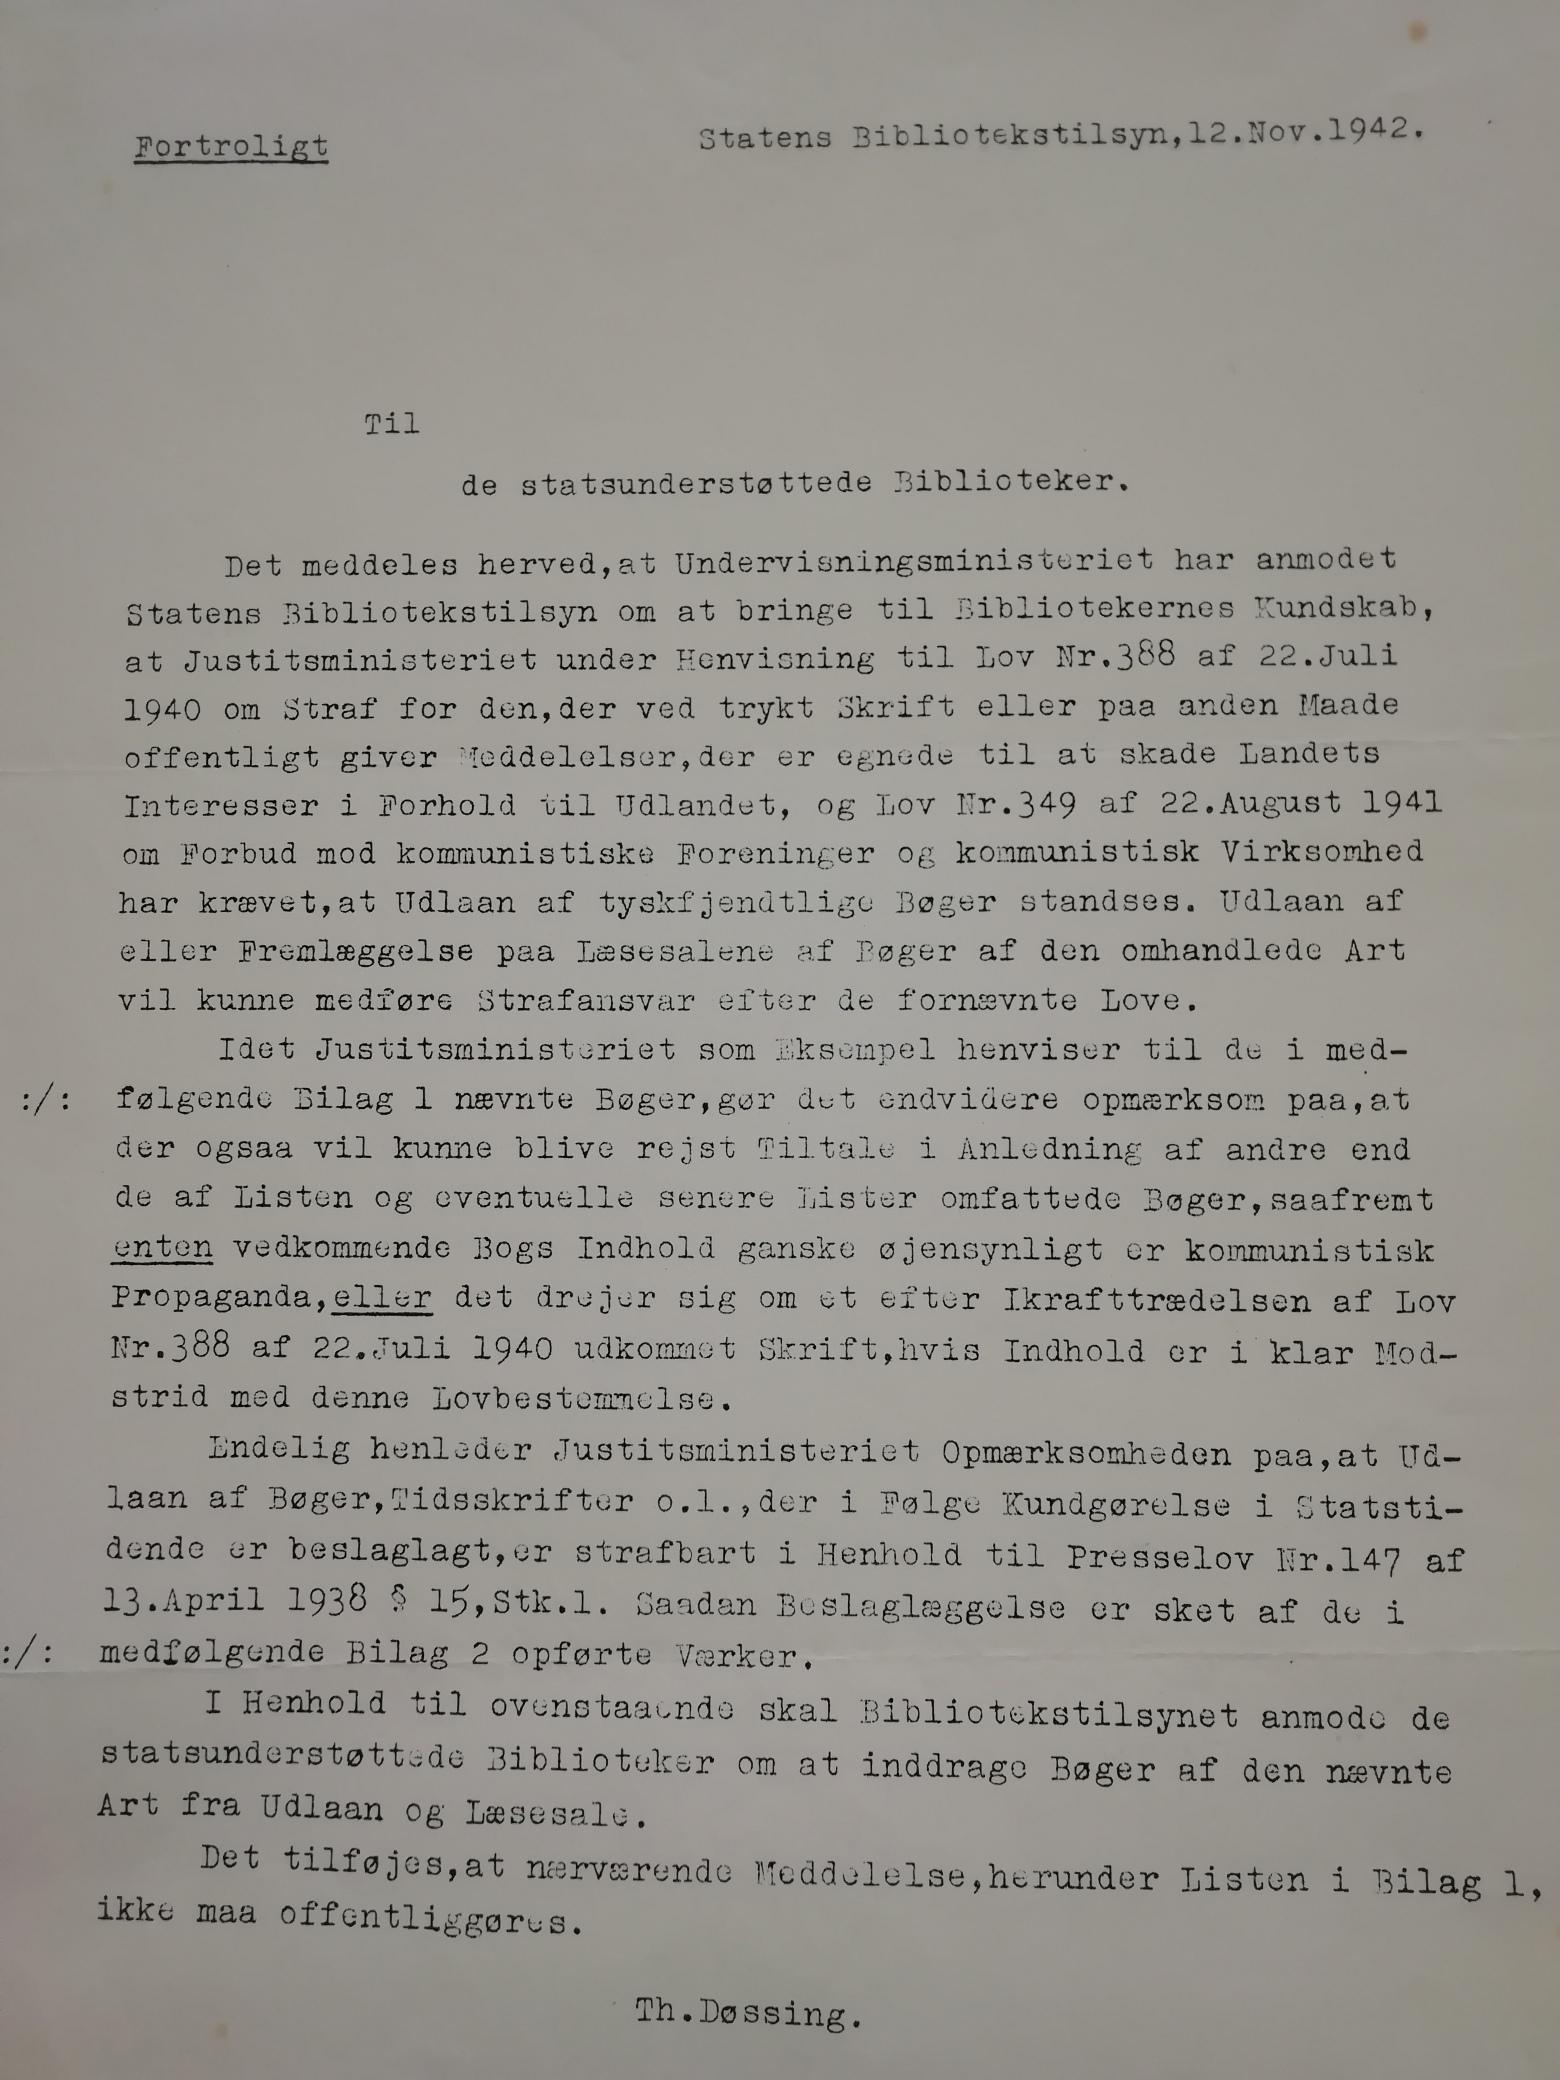 Besked fra Statens Bibliotekstilsyn d. 12. nov. 1941, til de statsunderstøttede biblioteker, om at fjerne tyskfjendtlige bøger